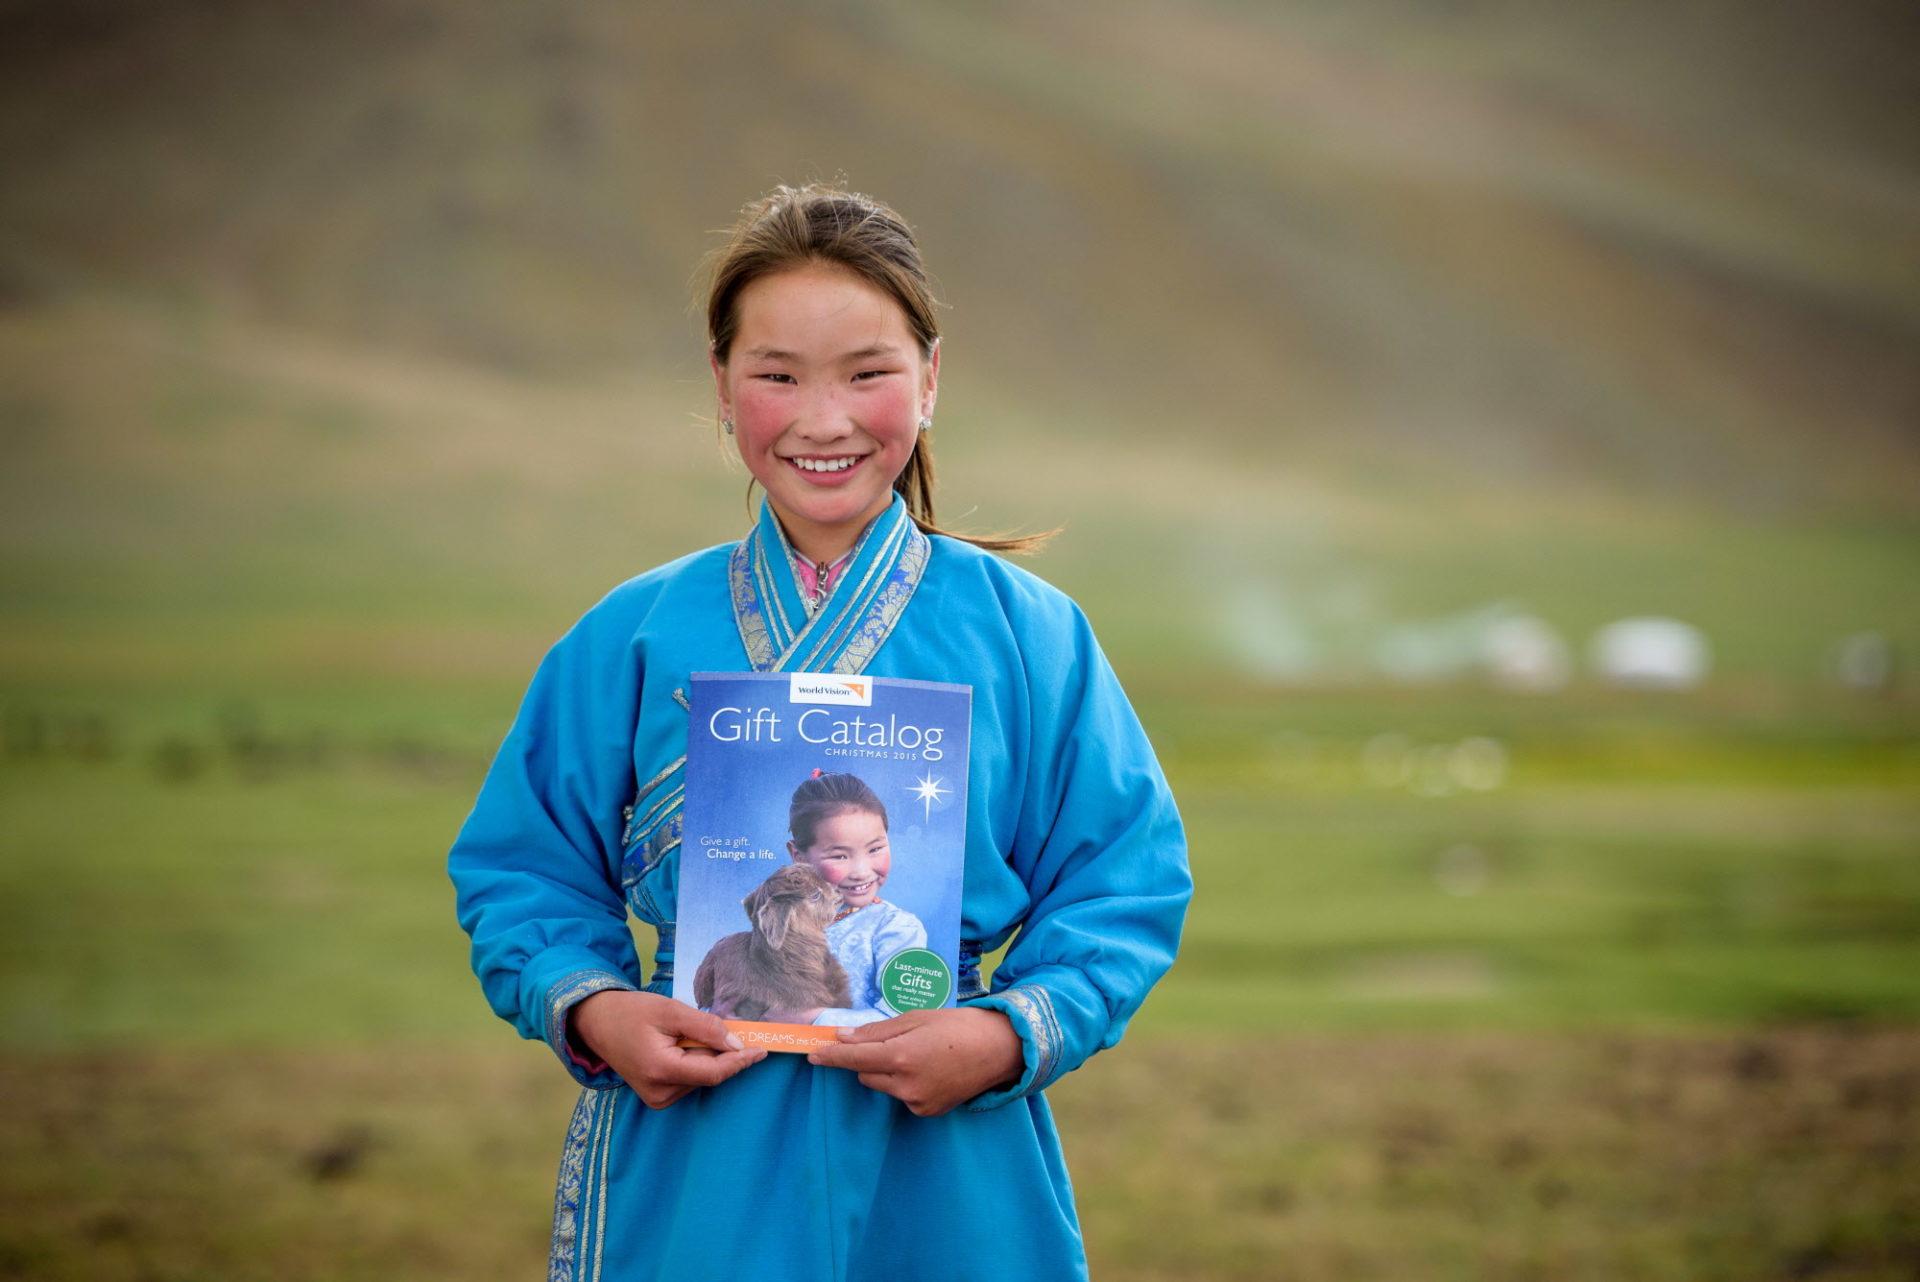 Mongolian girl holding catalog